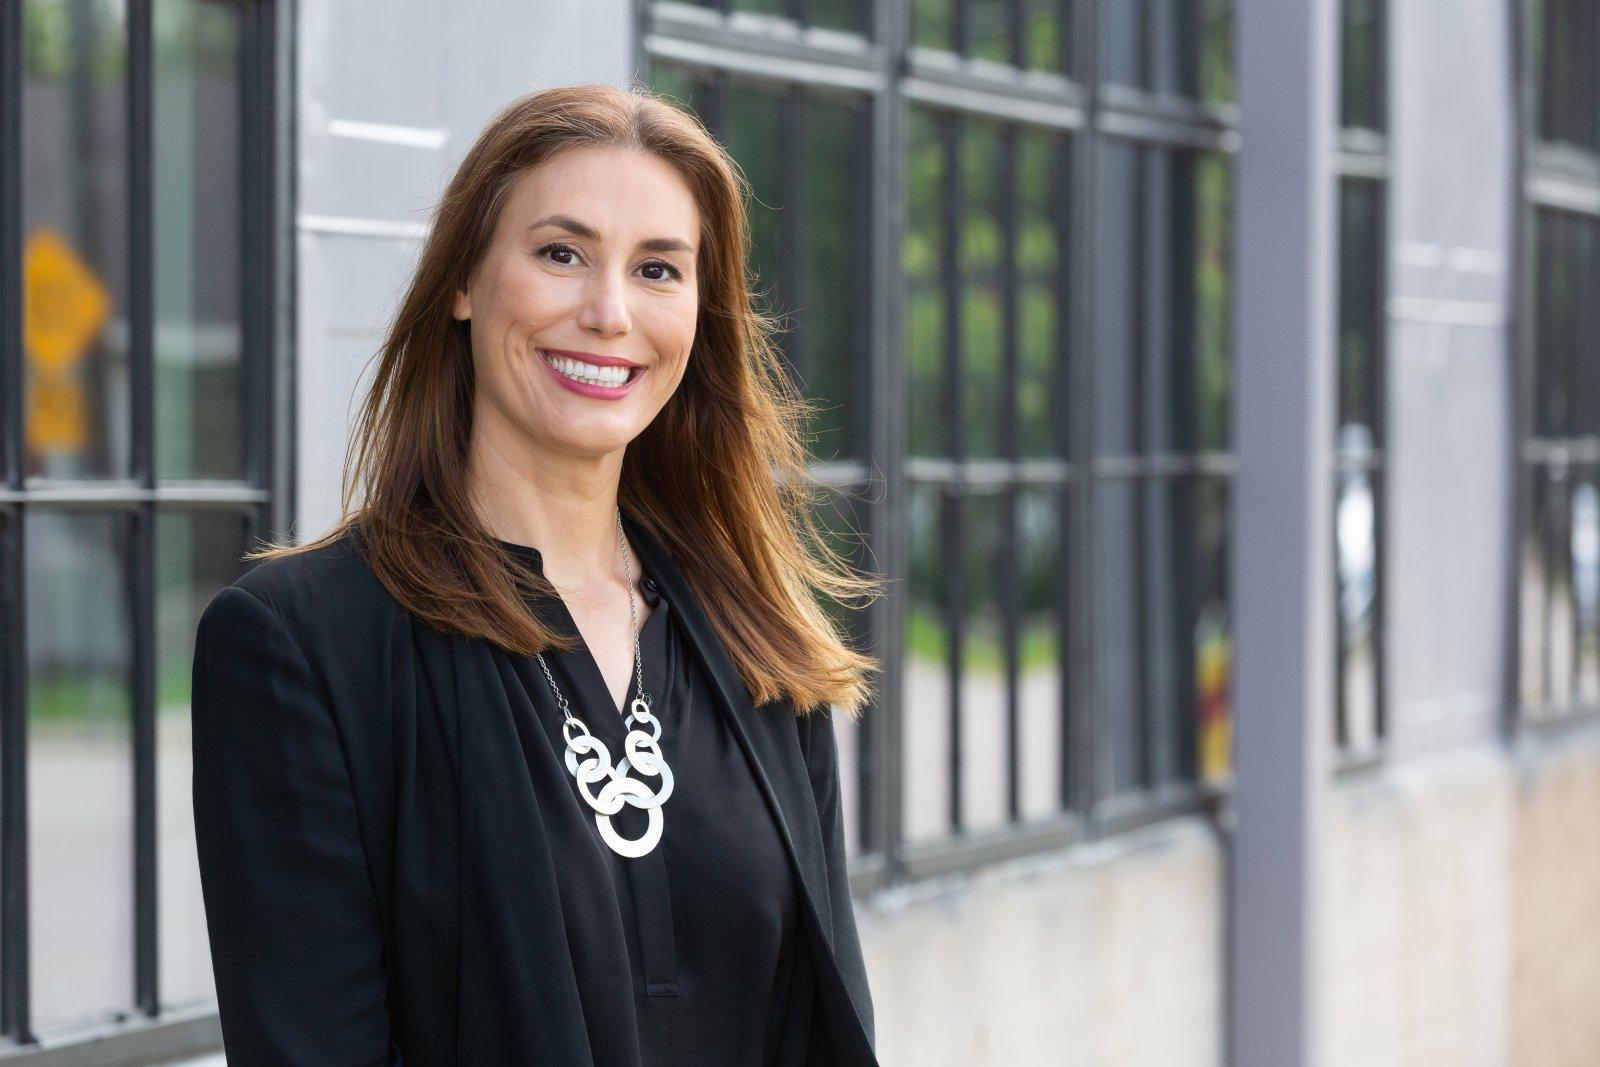 Christina Brungardt